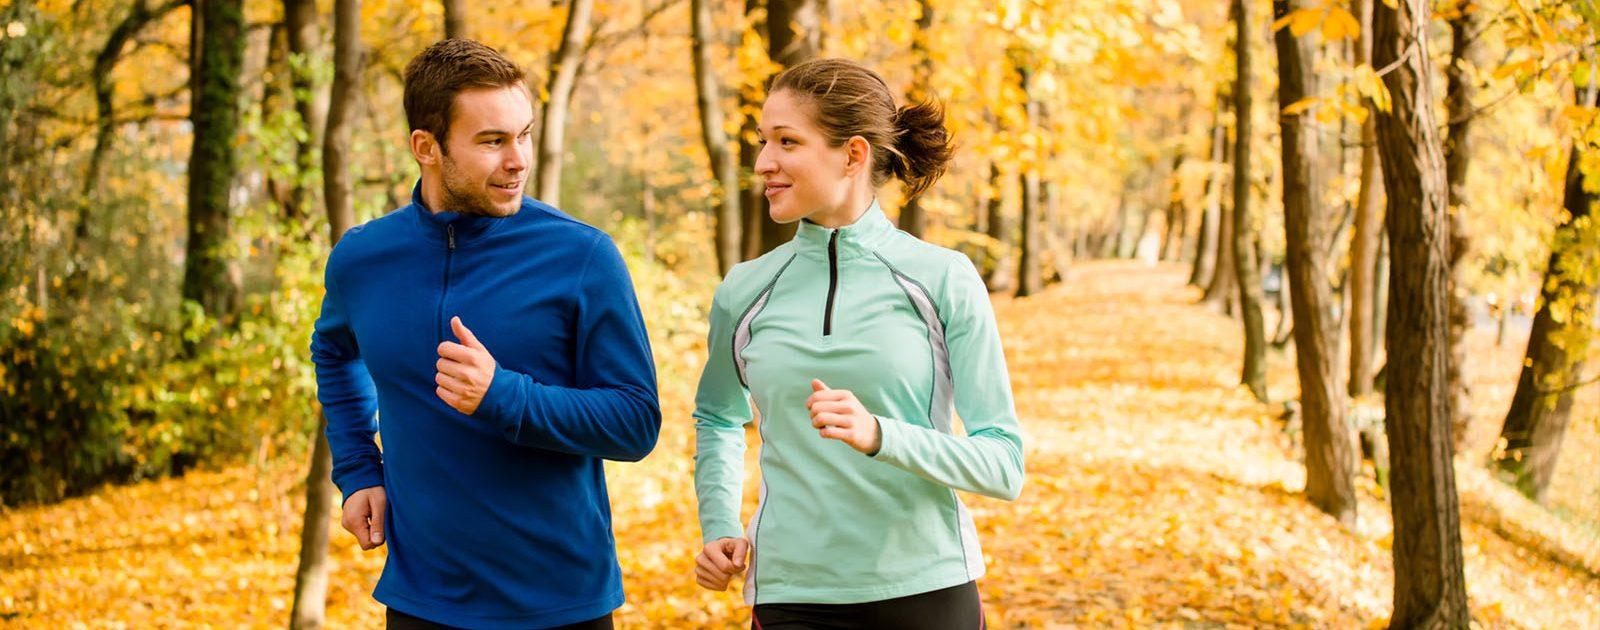 Pärchen joggt trotz Hämorrhoiden